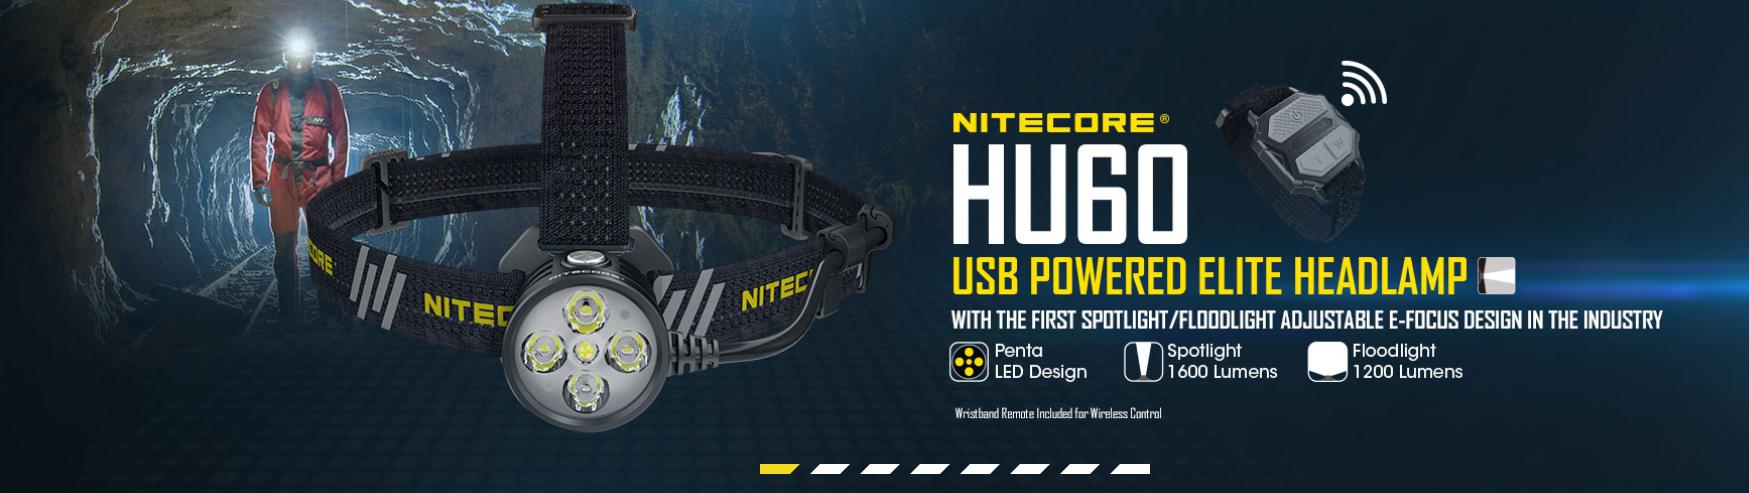 Nitecore HU60